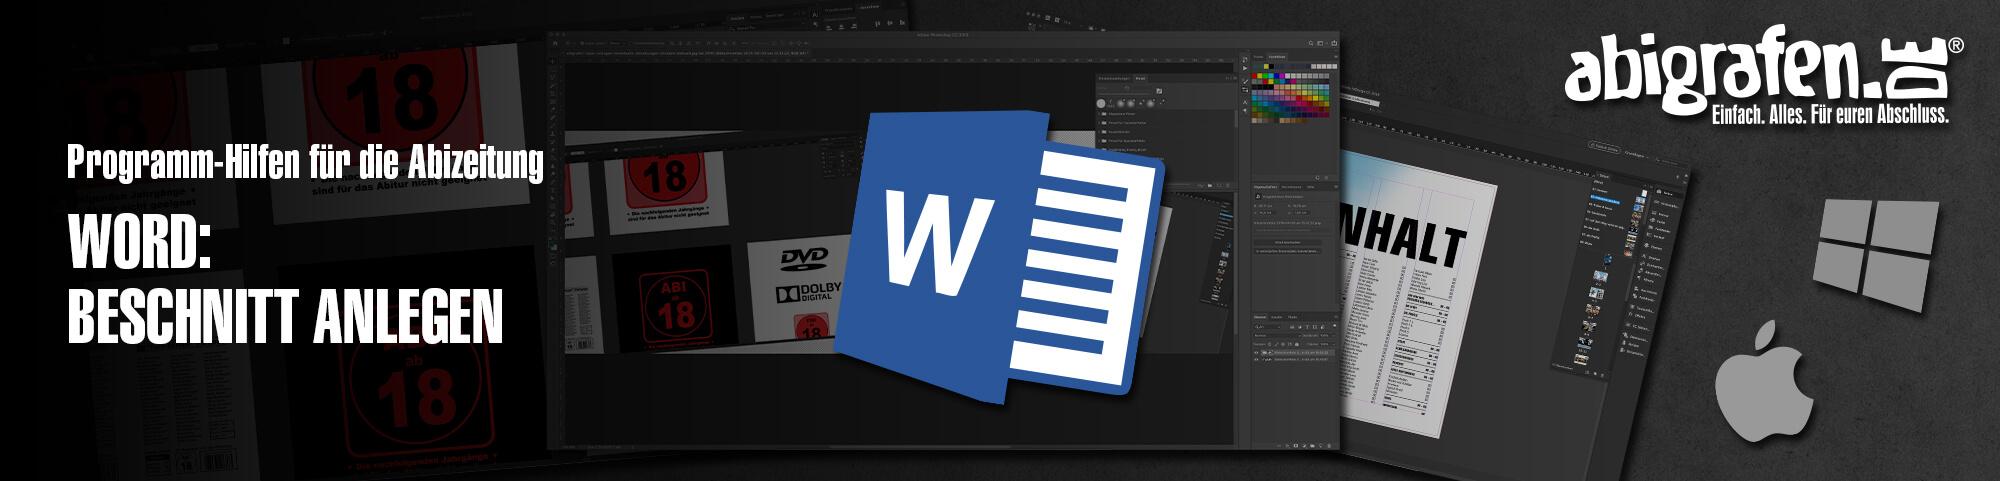 Programm-Hilfen für die Abizeitung – Word: Beschnitt anlegen leicht selber gemacht | Anschnitt Einstellungen in Microsoft Word vornehmen